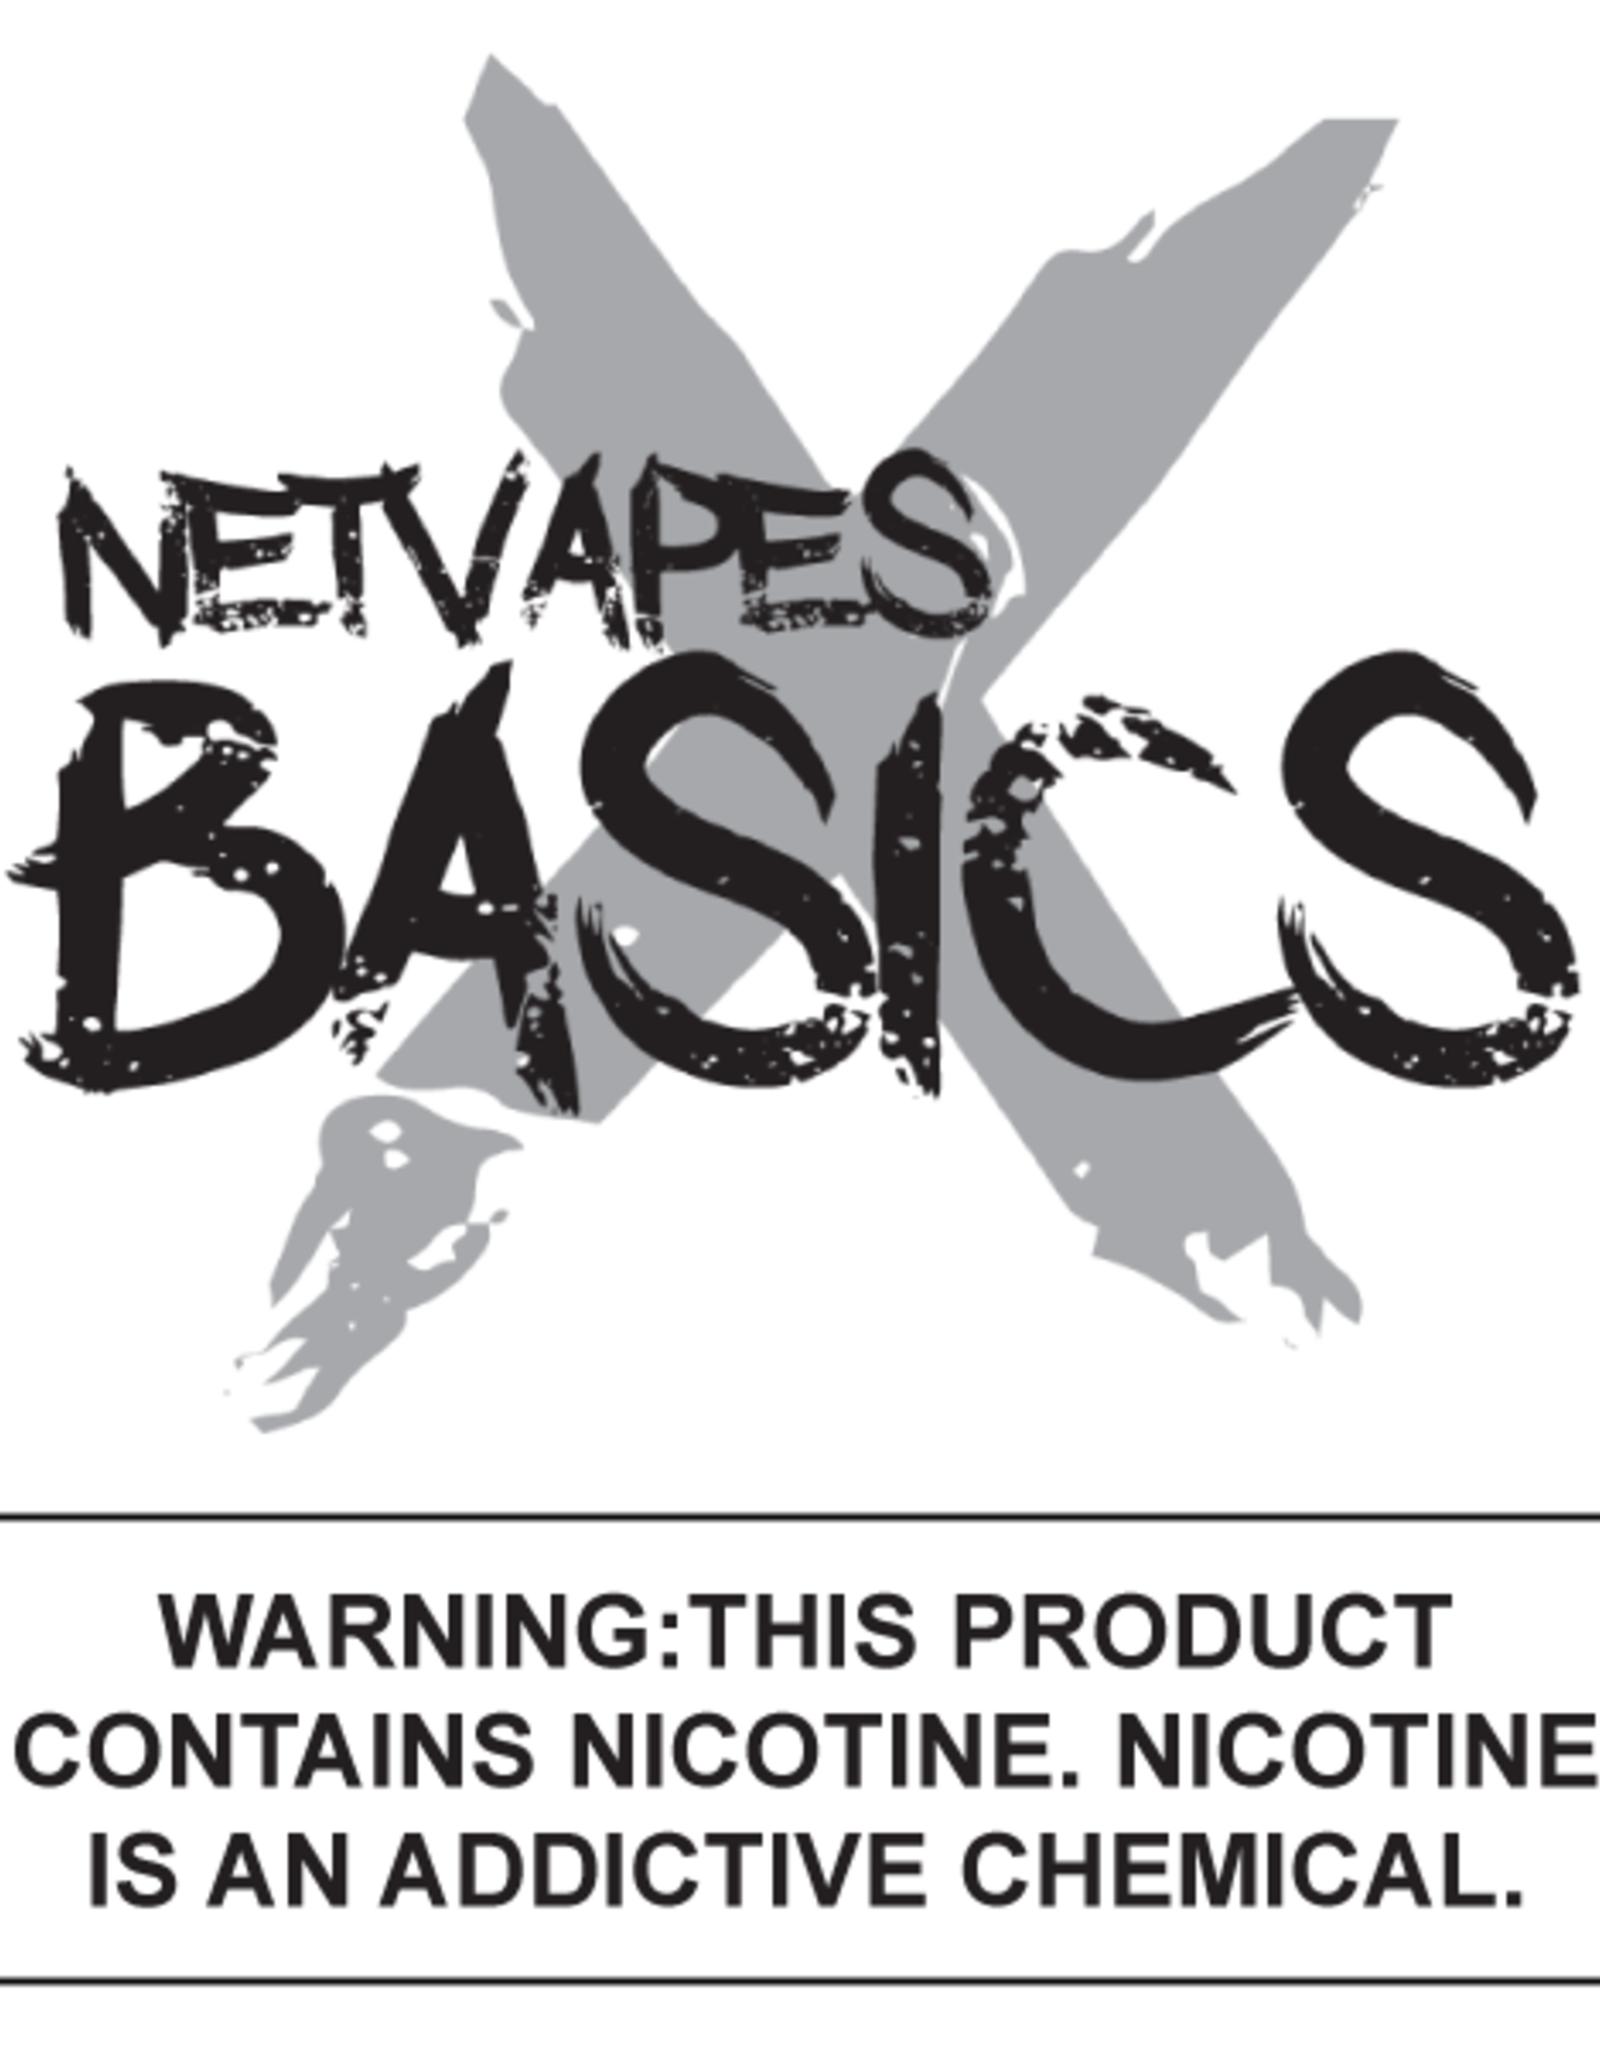 Netvapes Basics Black Cigar